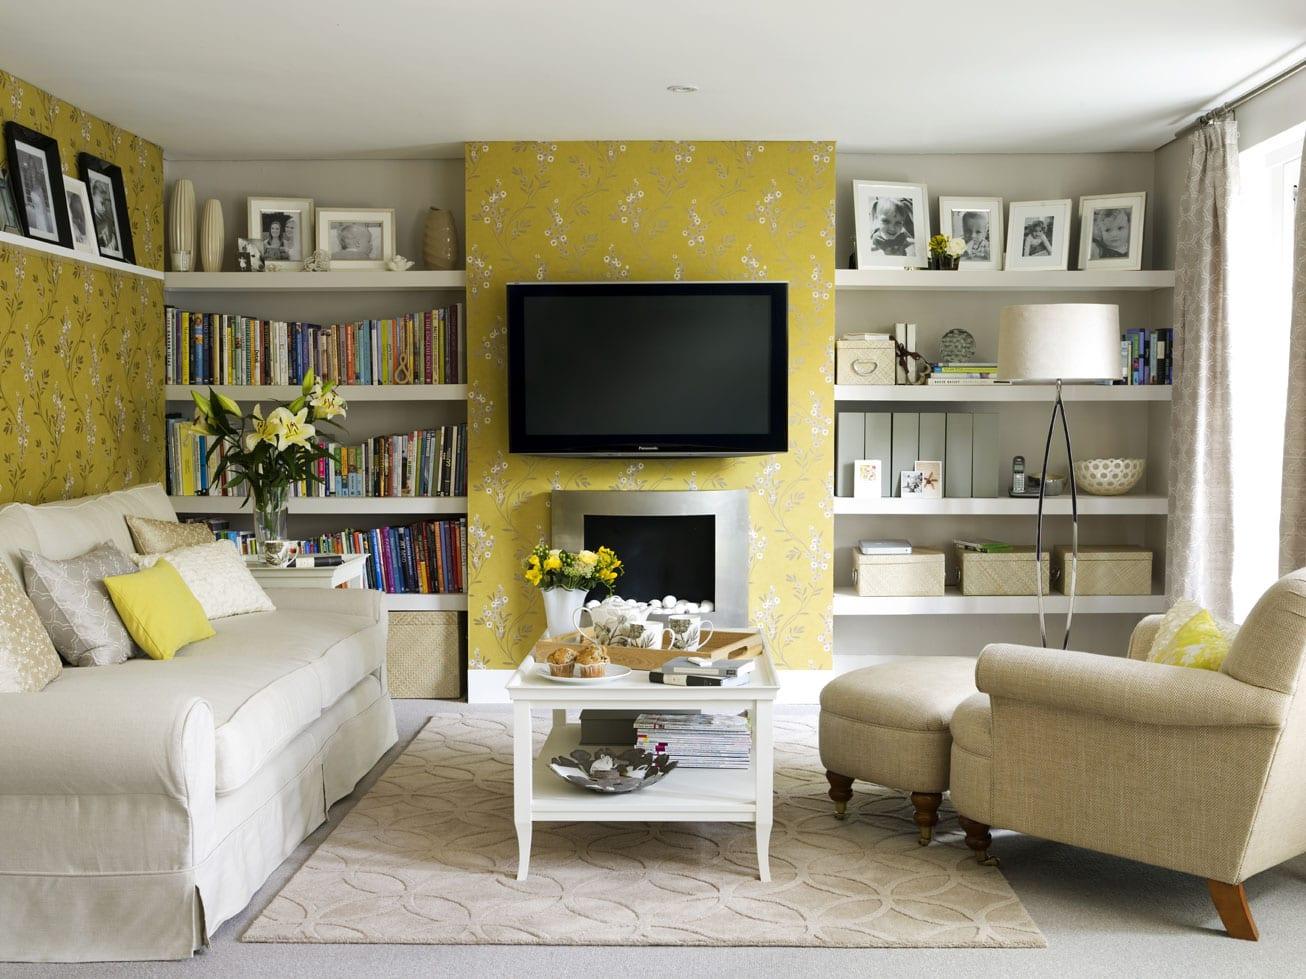 Proyectos baratos y originales de decoraci n para tu hogar for Articulos decoracion hogar baratos